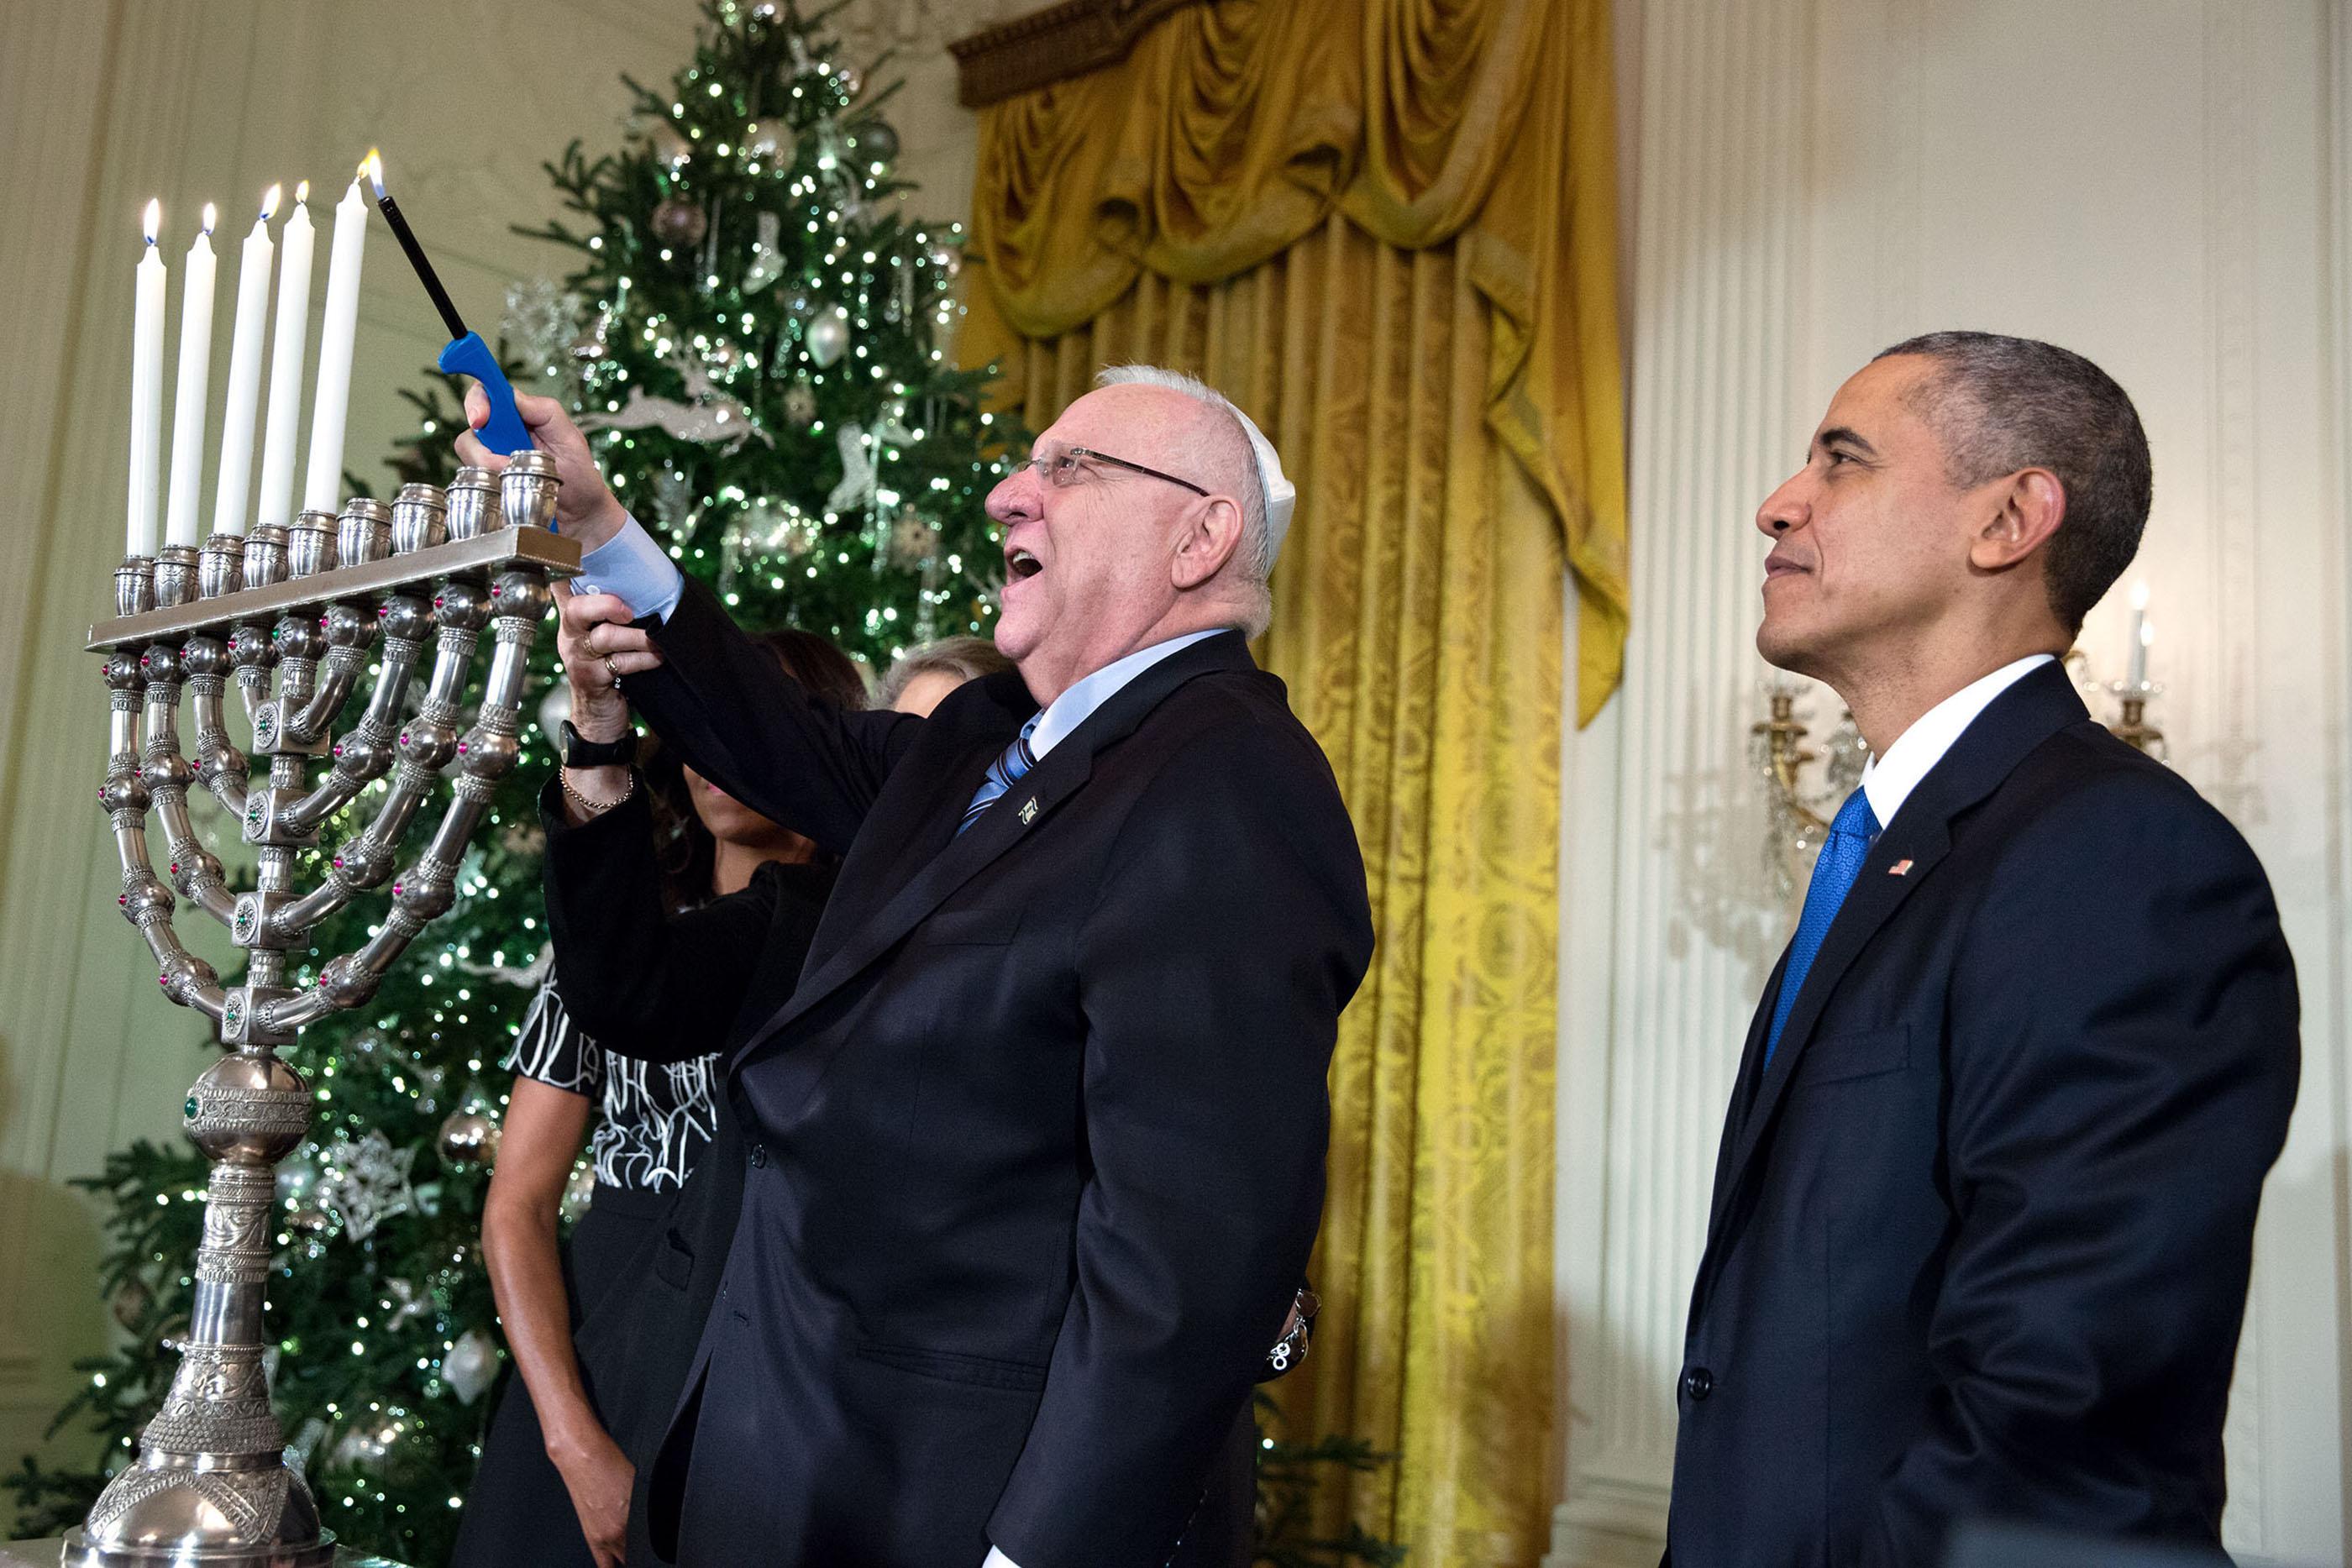 Lighting the Menorah at the White House